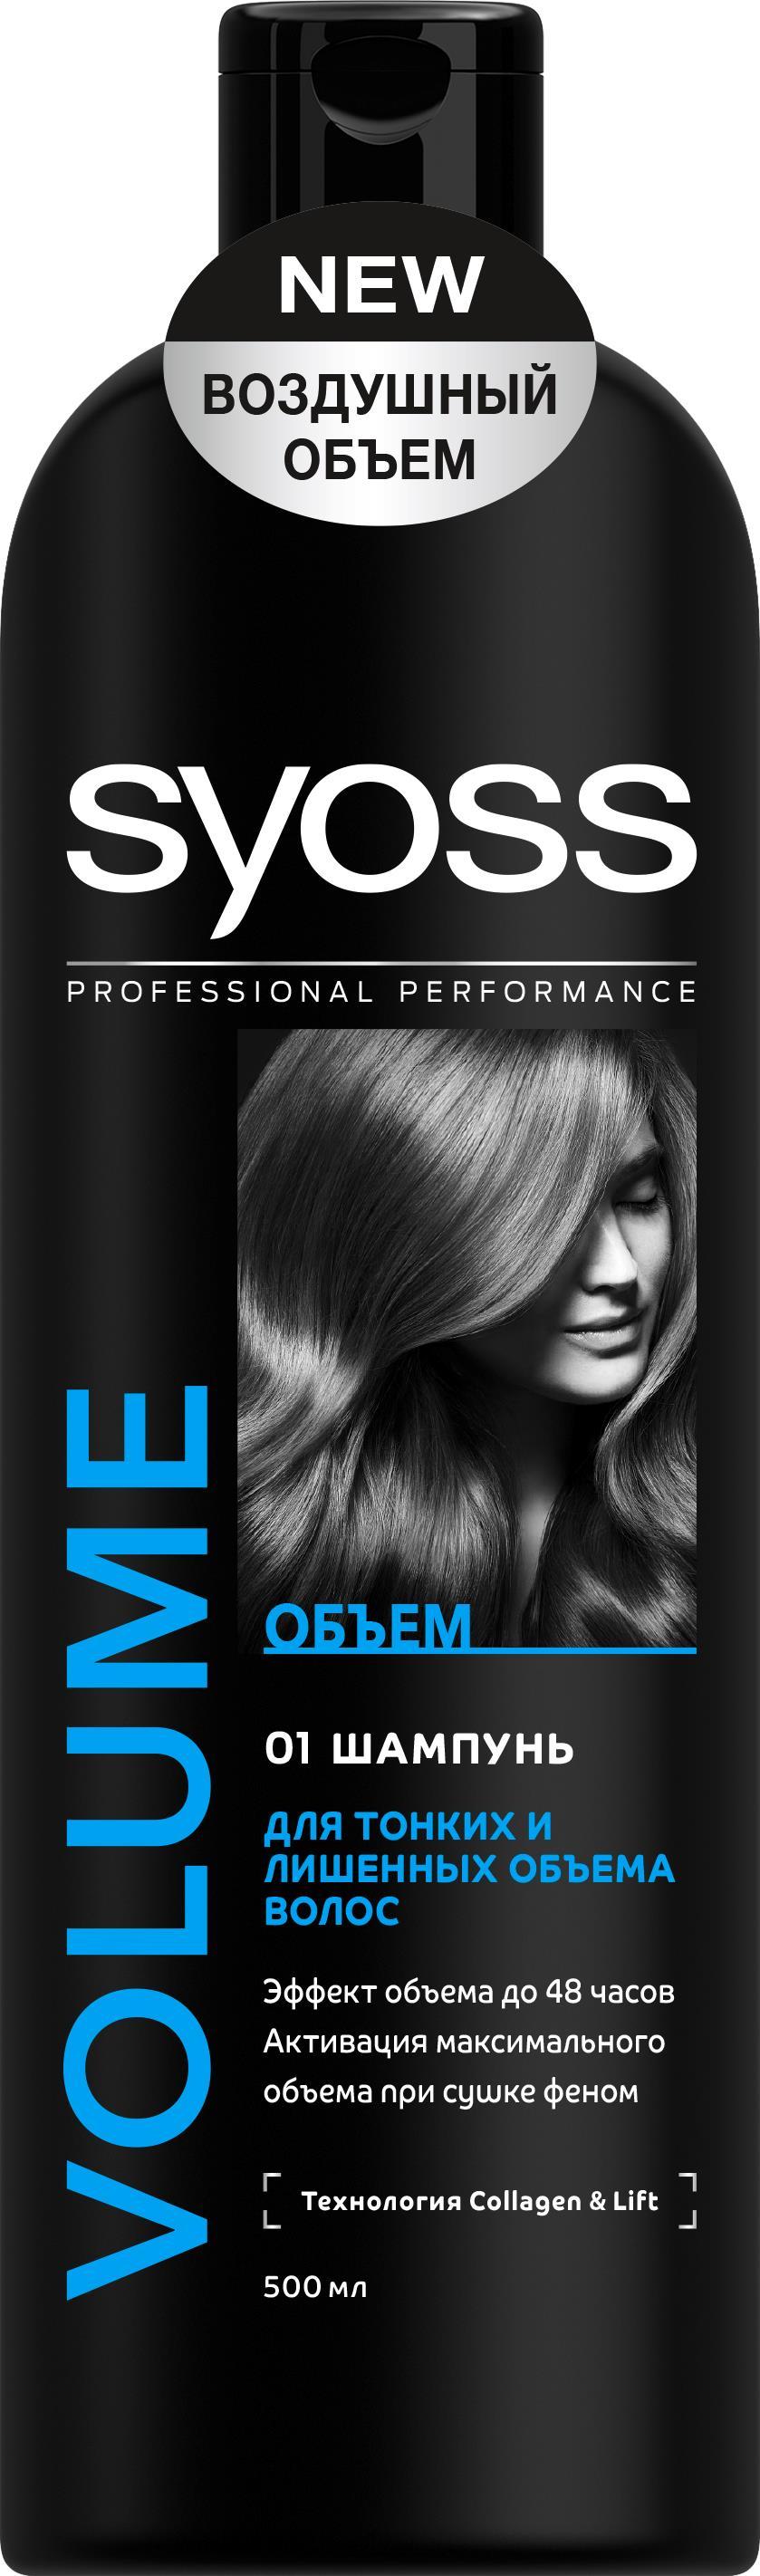 Syoss Шампунь Volume Lift, для тонких и ослабленных волос, 500 мл